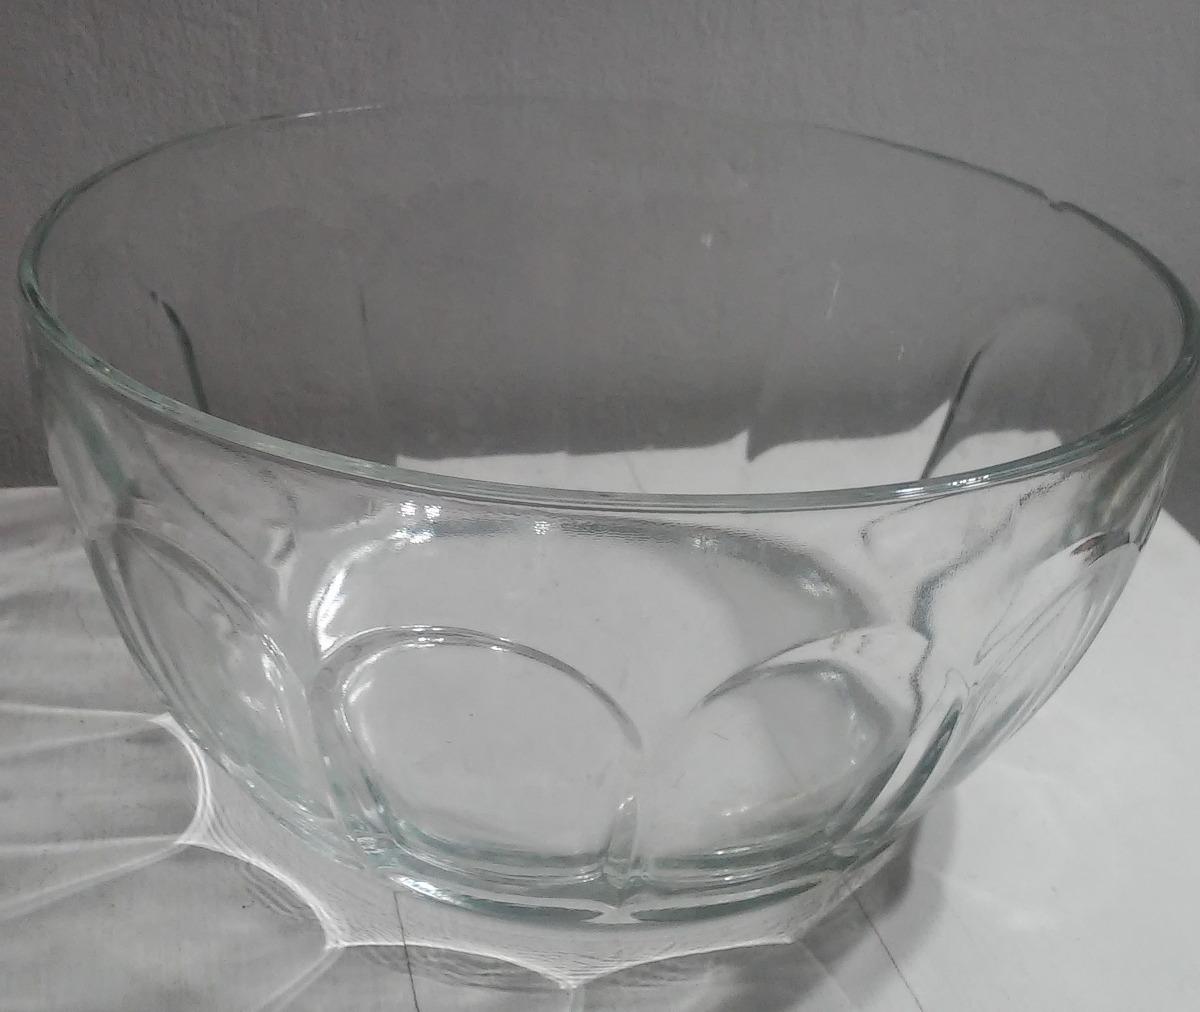 Bol bowl de vidrio para pasapalo hacer tortas tizana bs - Bol de vidrio ...